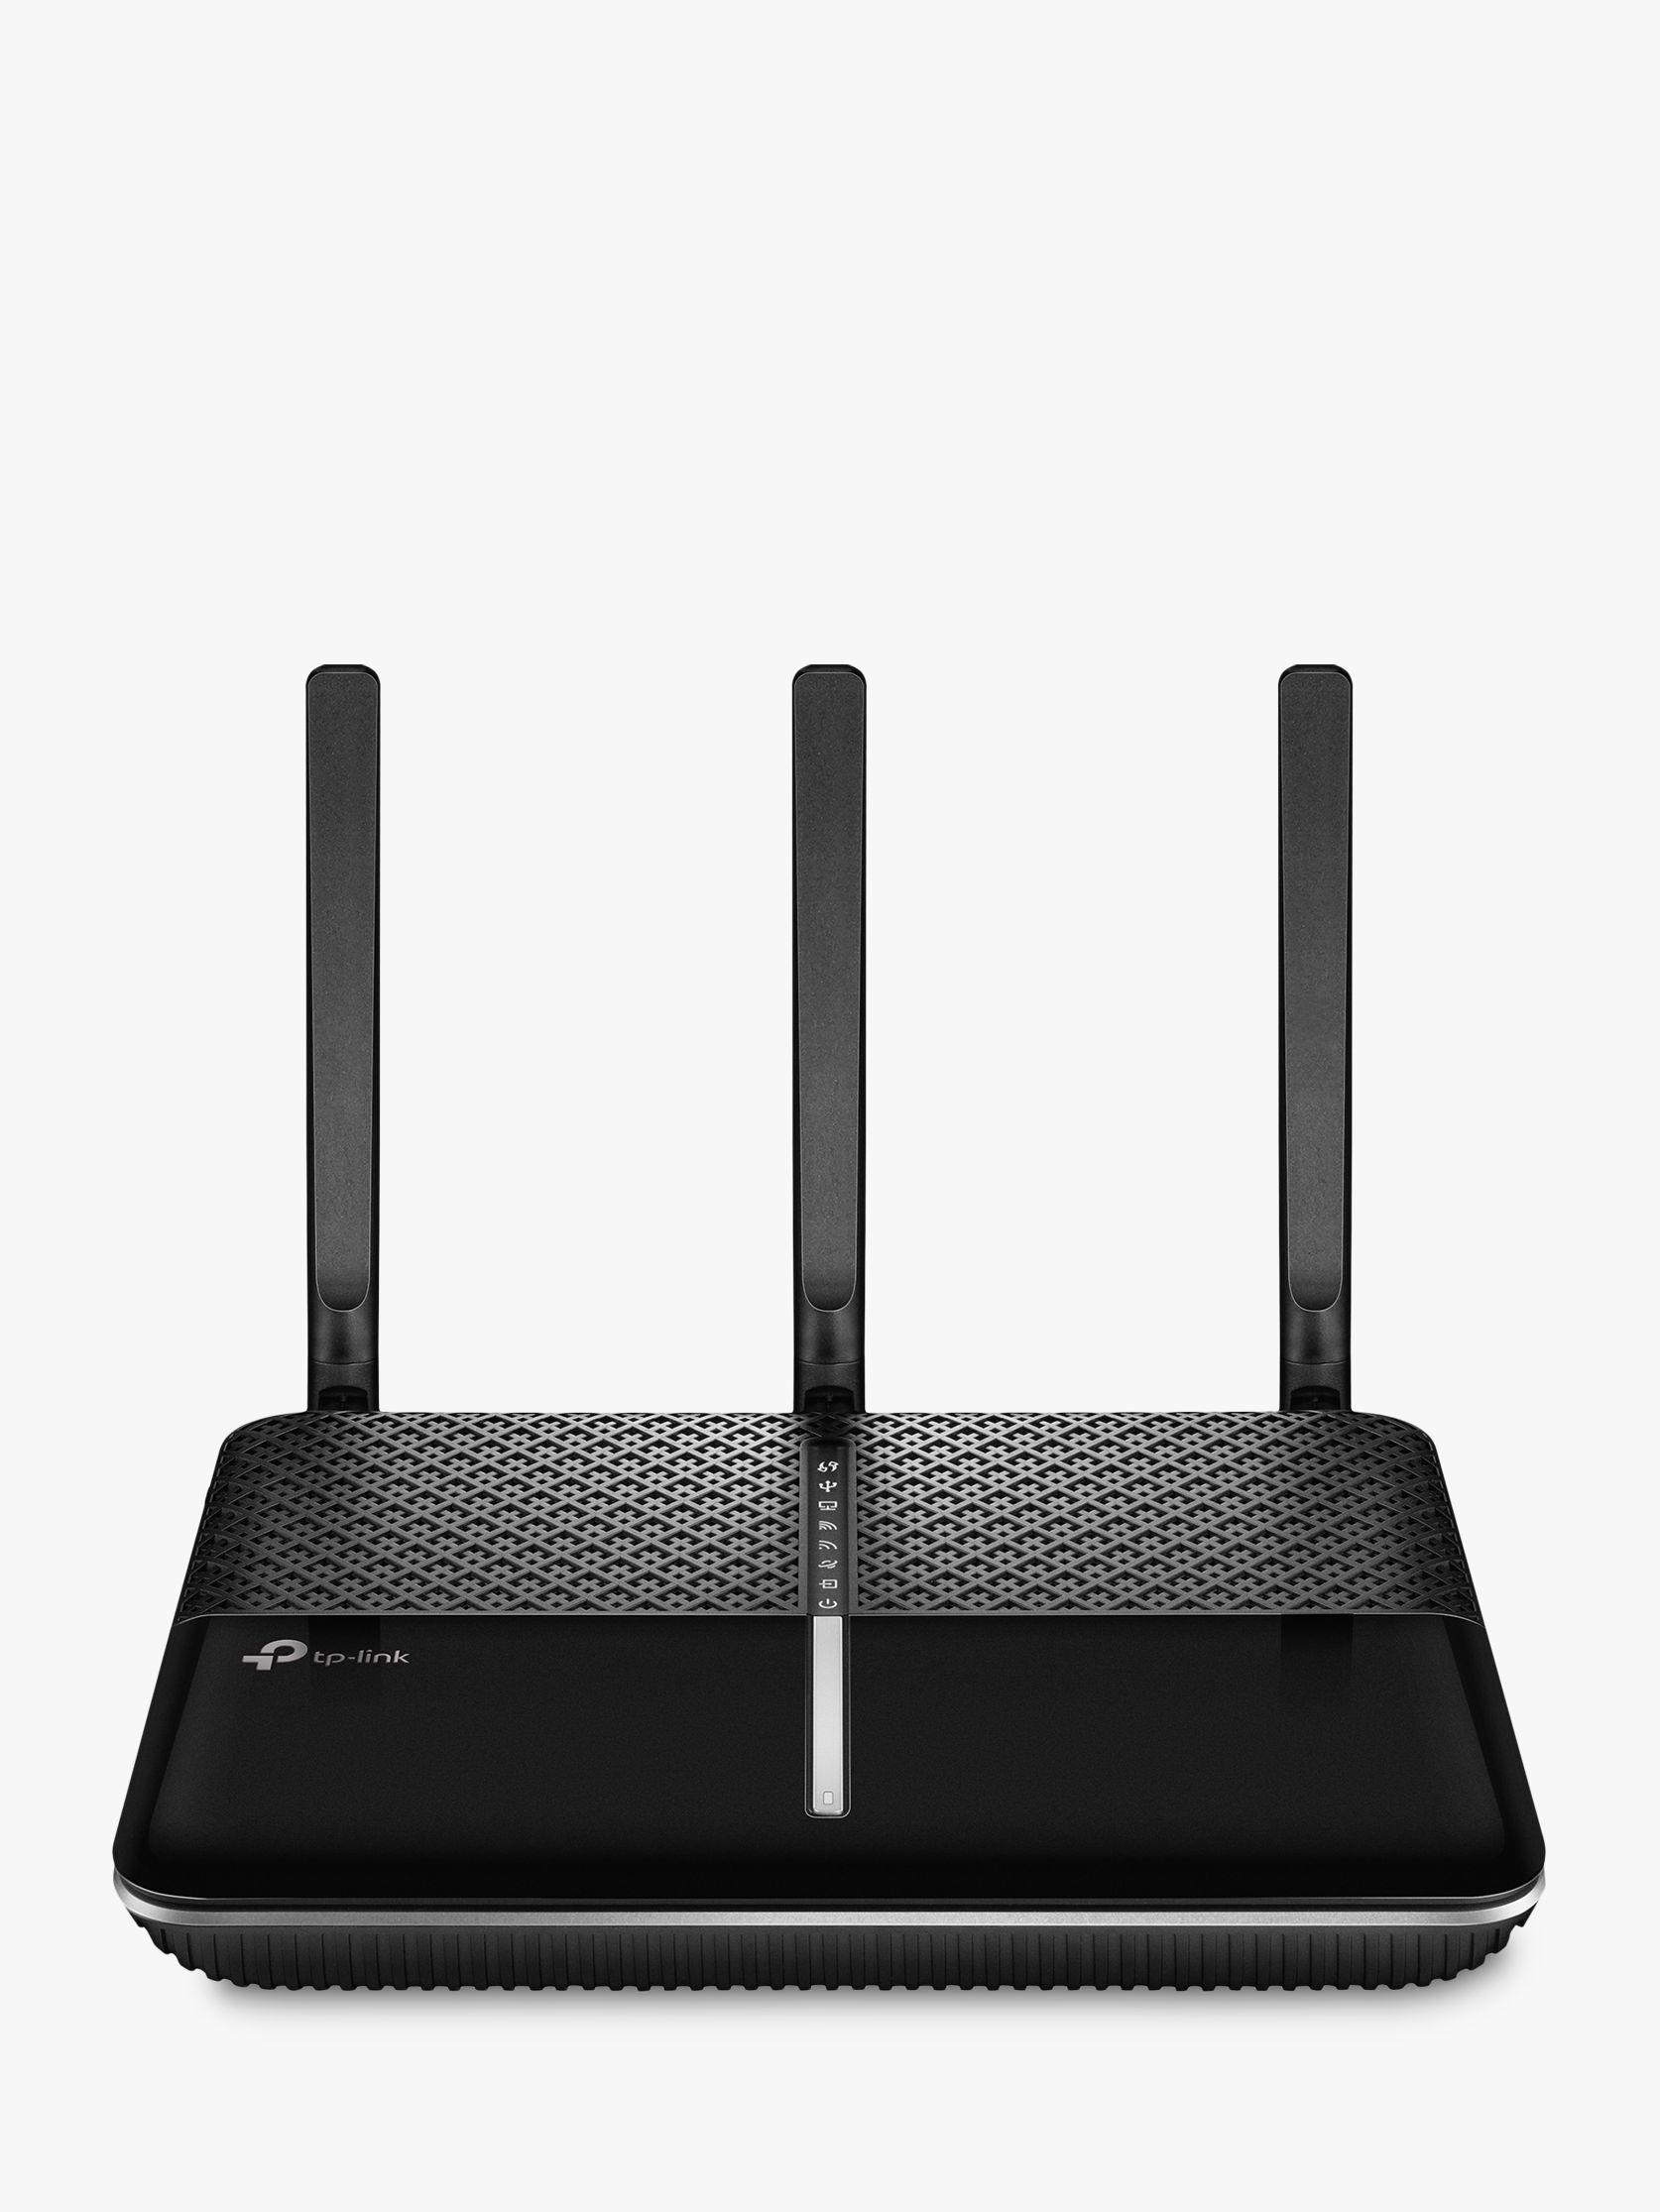 TP-Link TP-LINK AC1600 Wireless Gigabit VDSL/ADSL Modem Router, Archer VR600